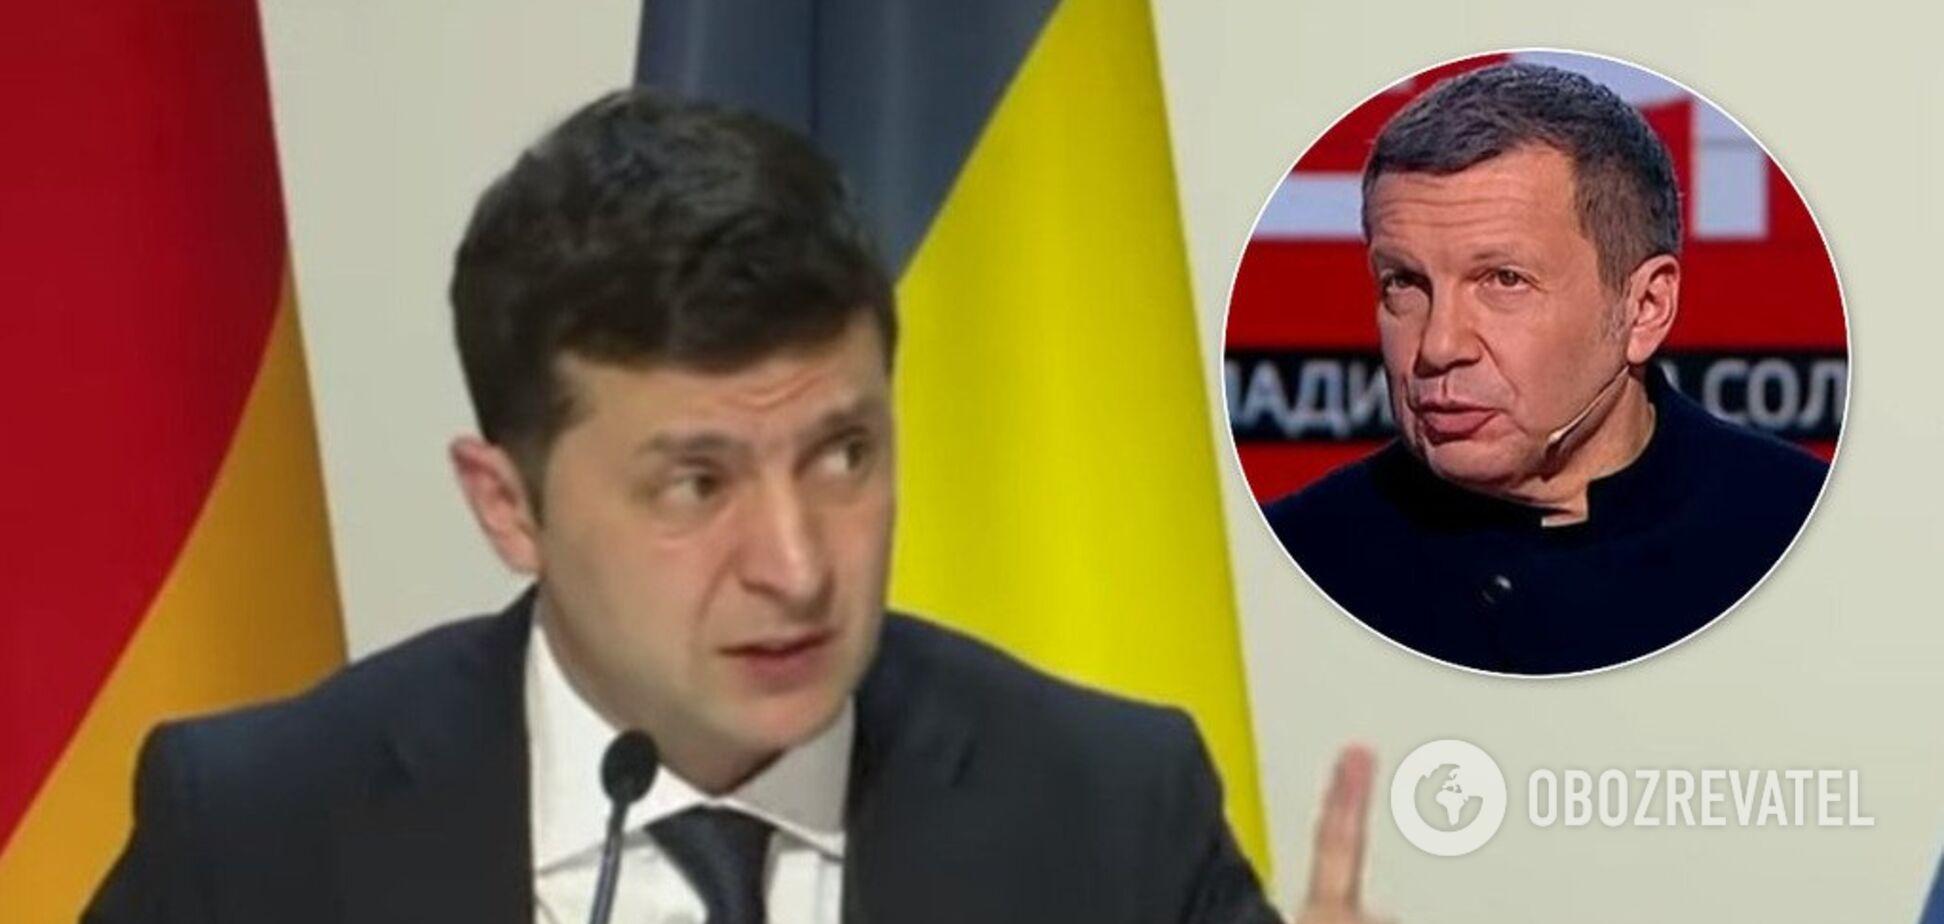 Поедут на интервью к Зеленскому? Кремлевские журналисты заявили о поддержке в Украине